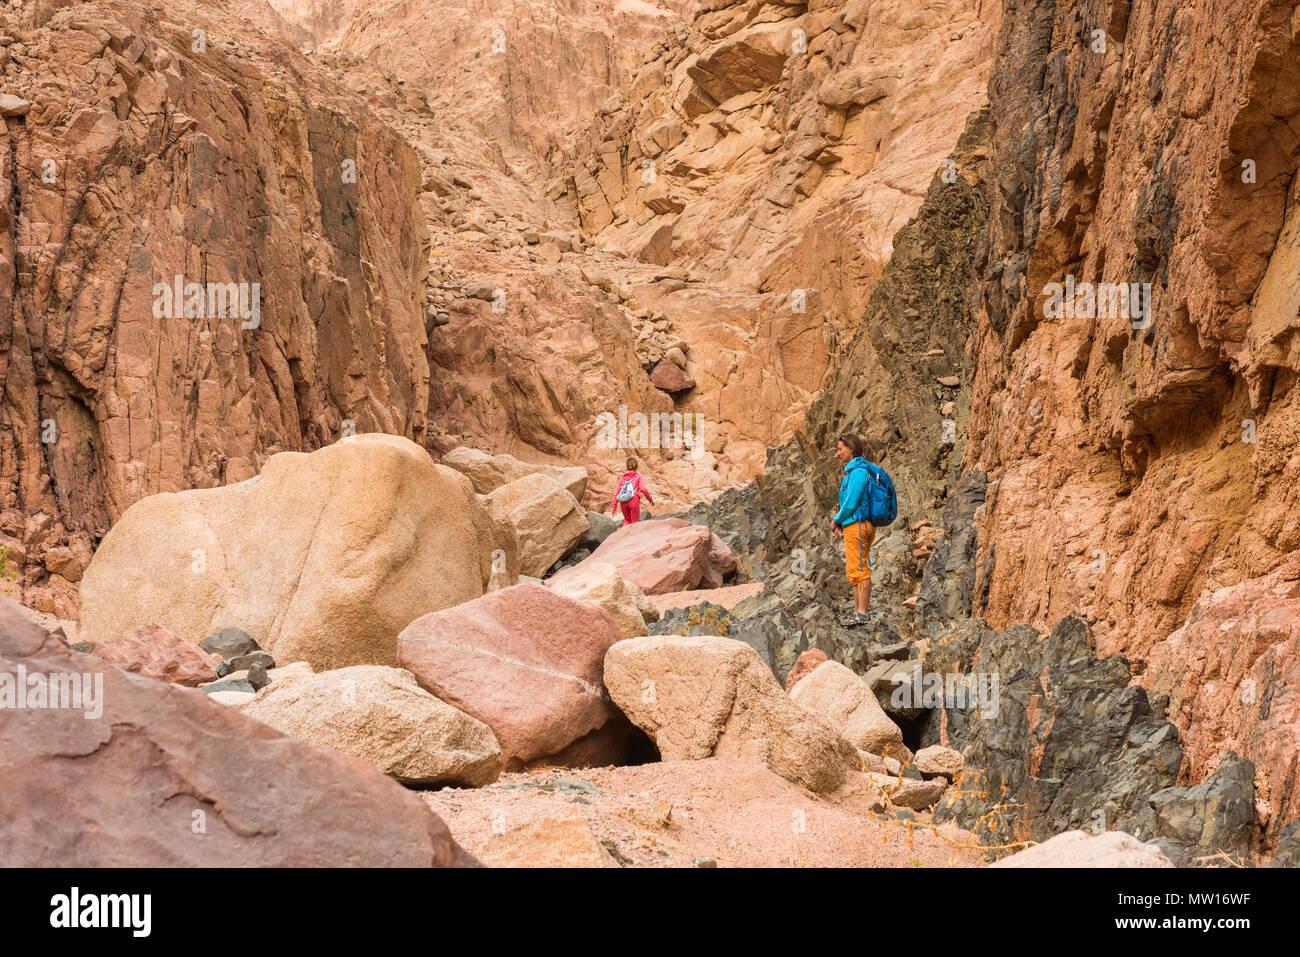 Femme Hiker with backpack profitez d'afficher dans le désert Photo Stock